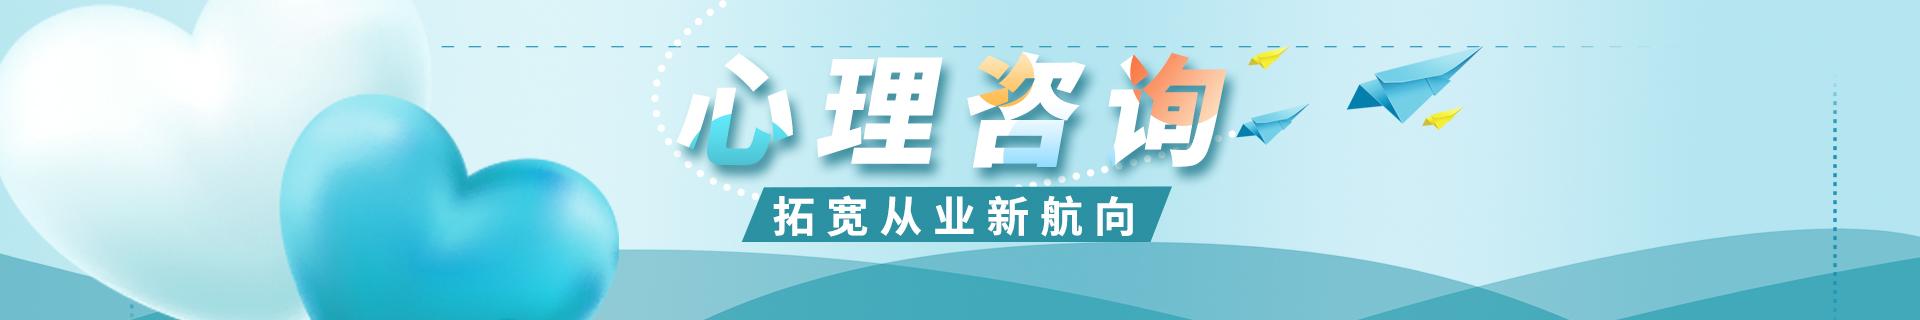 广东中山优路教育培训学校